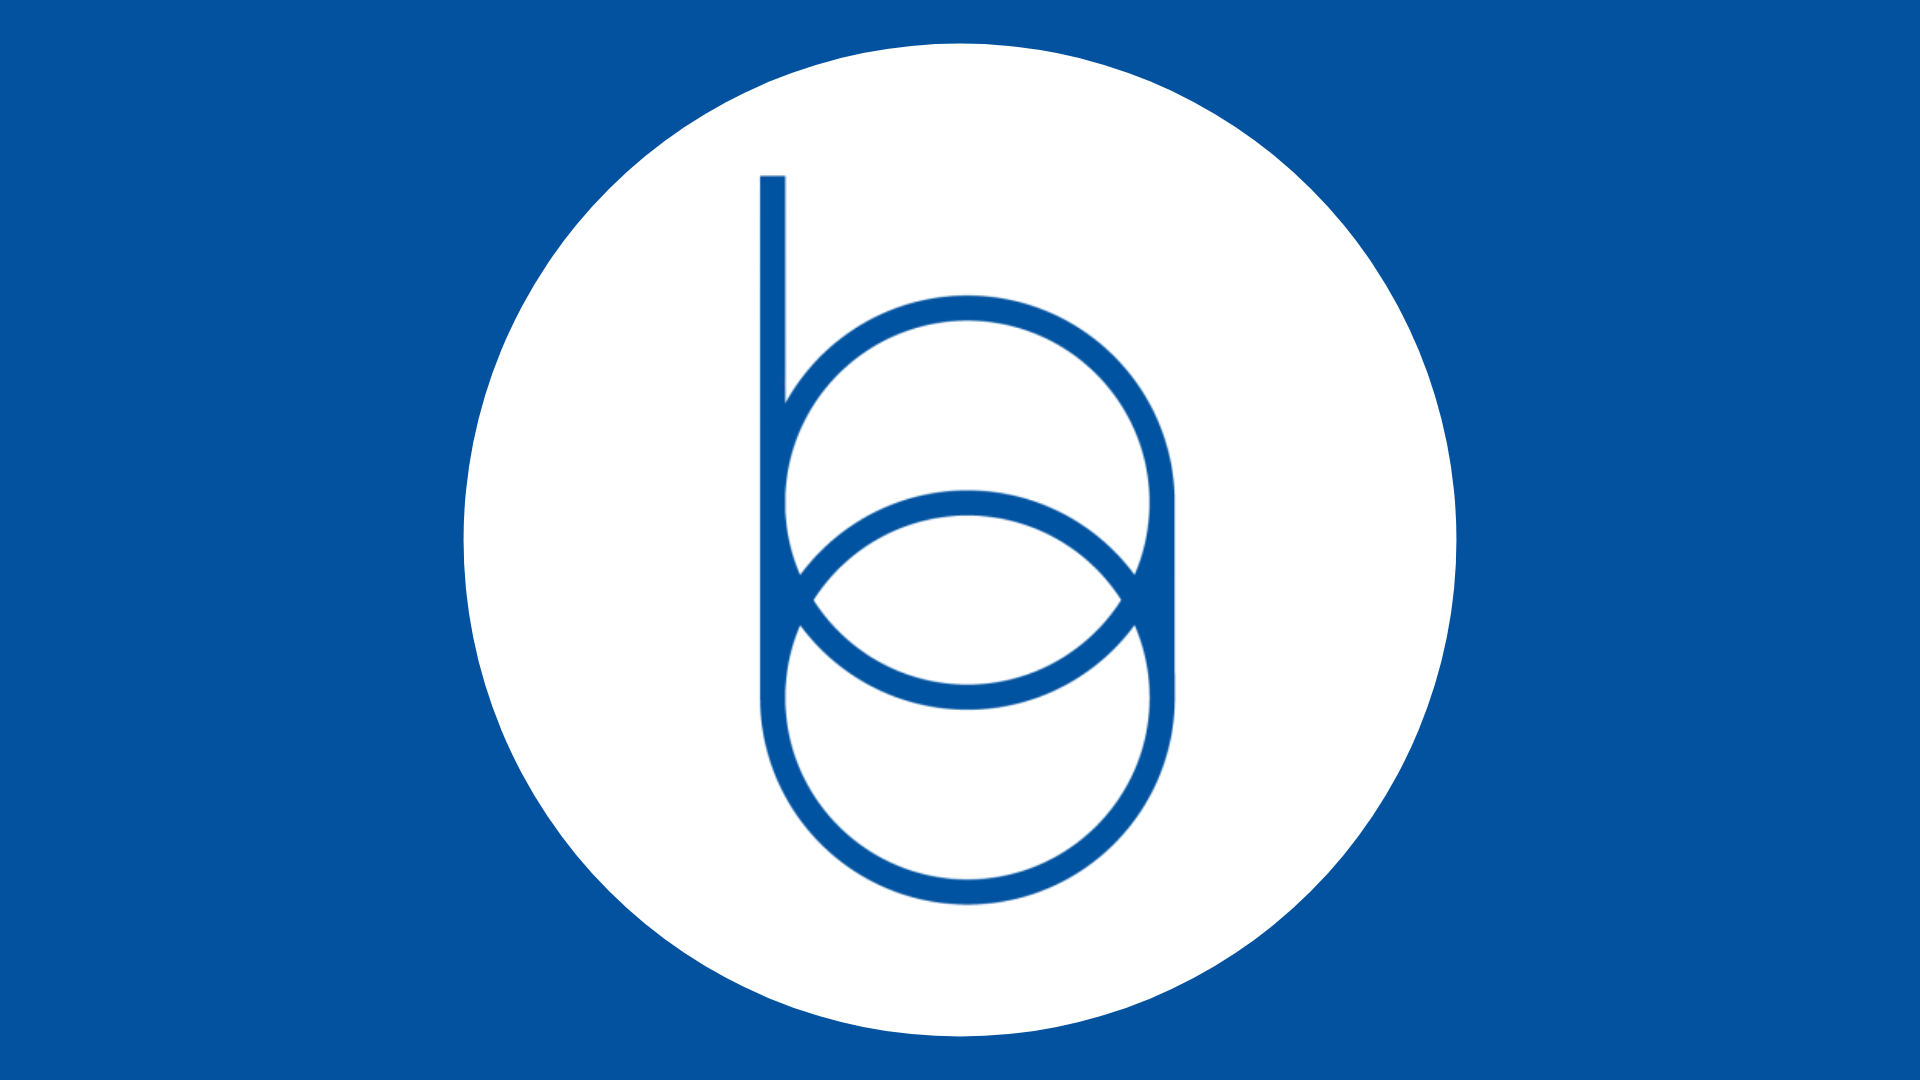 De Borg Rond Logo